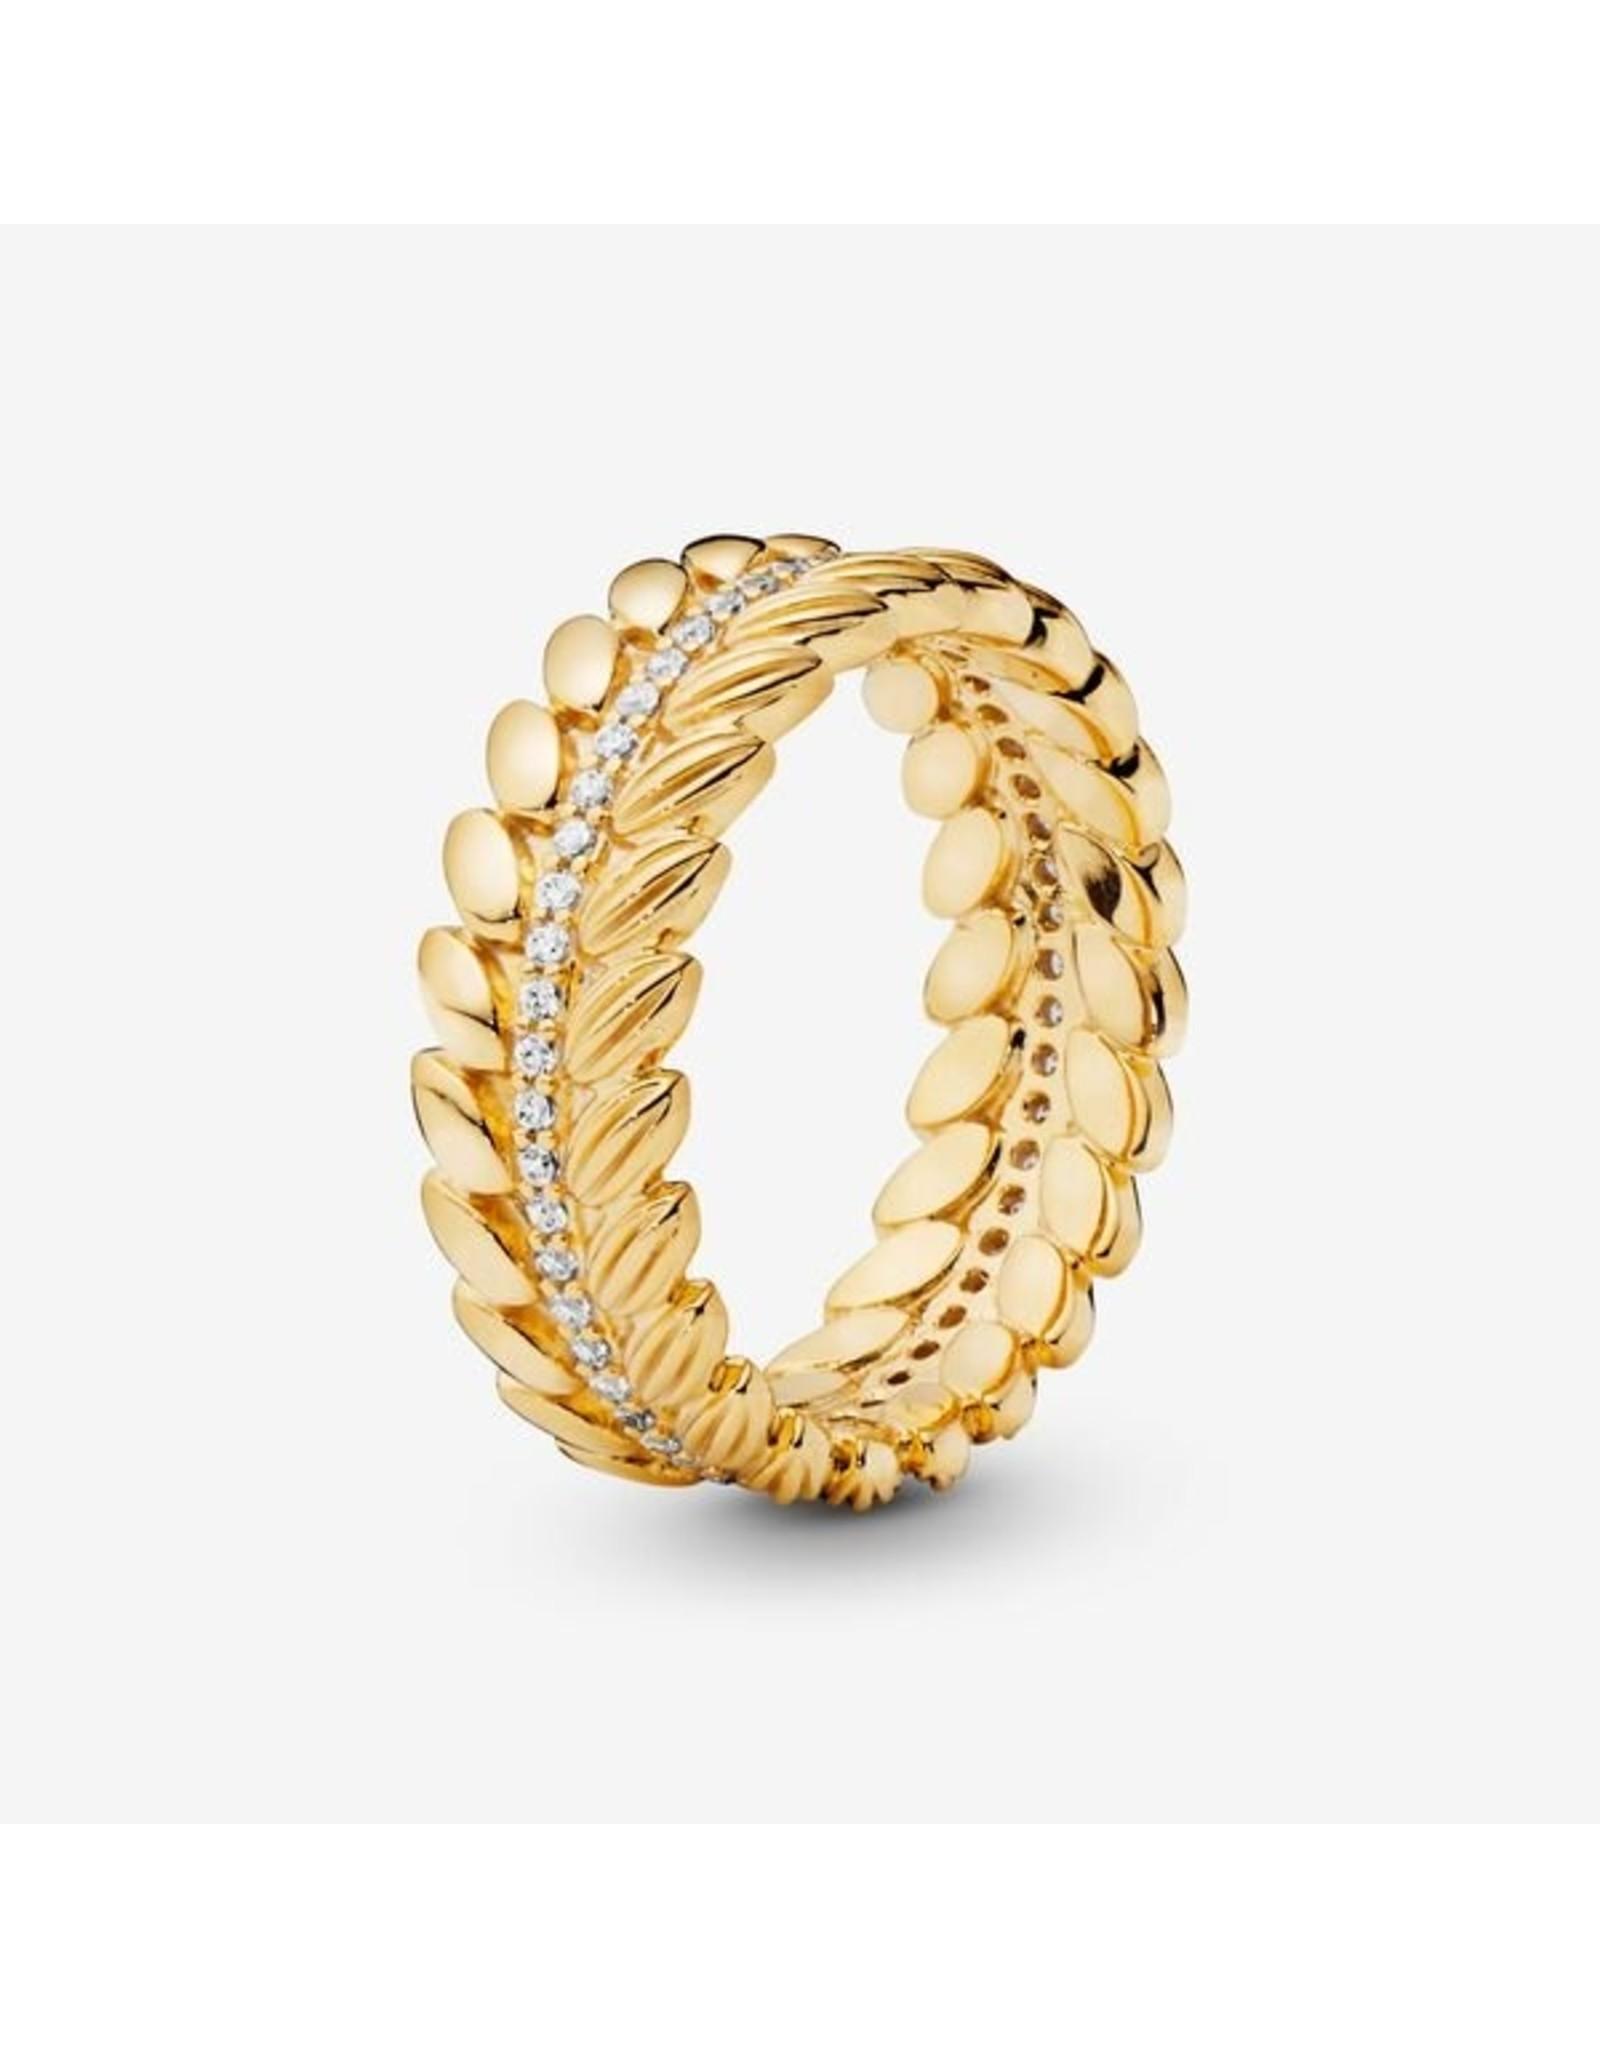 Pandora Pandora Ring,Wheat Grains Band